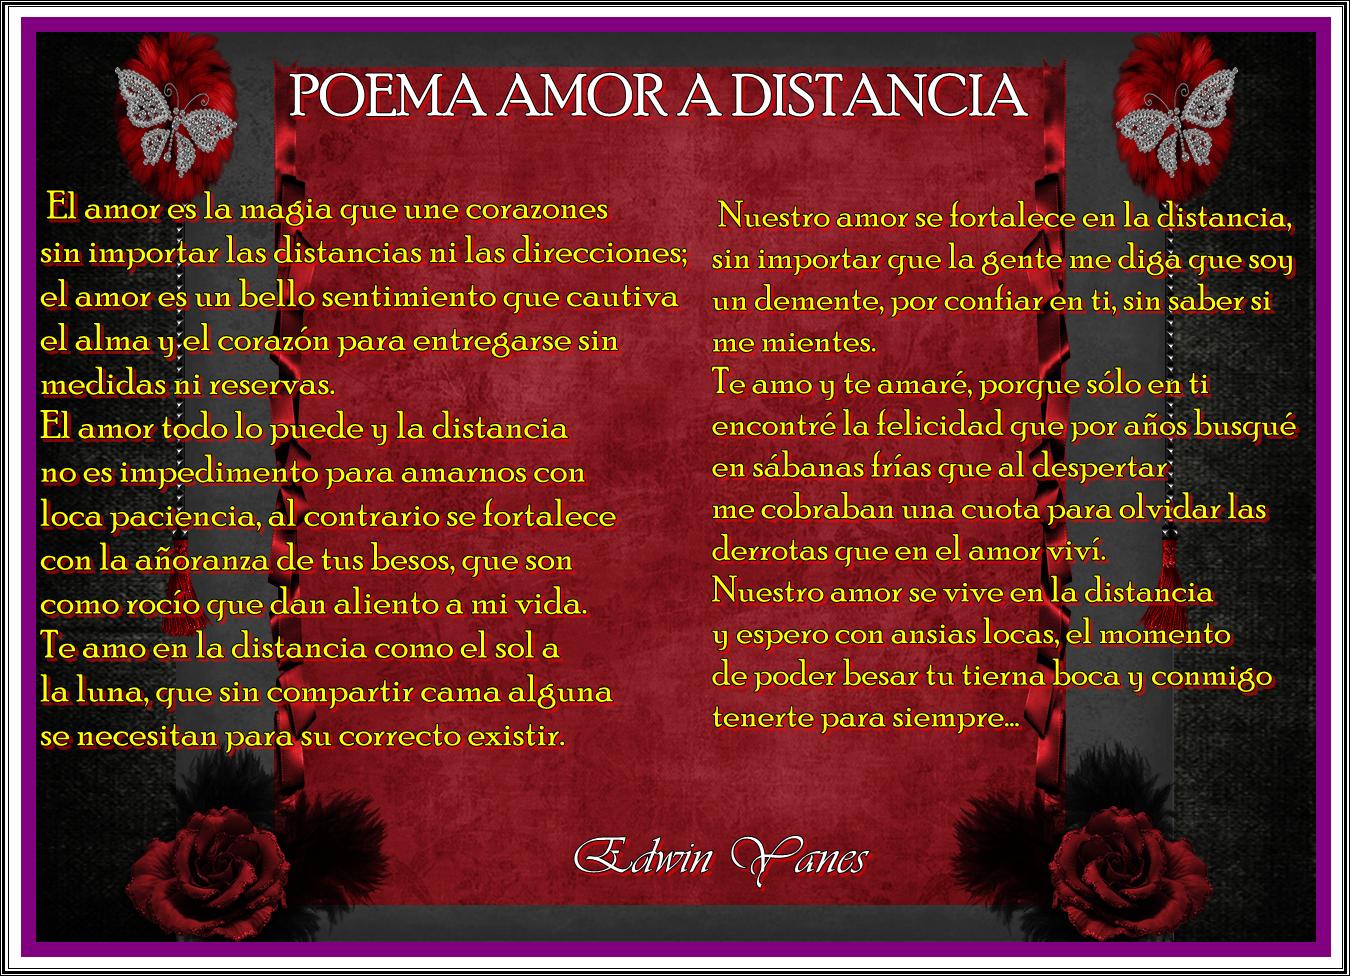 Frases De Amor A La Distancia Poemas De Amor A Distancia Para Dedicar A Tu Pareja